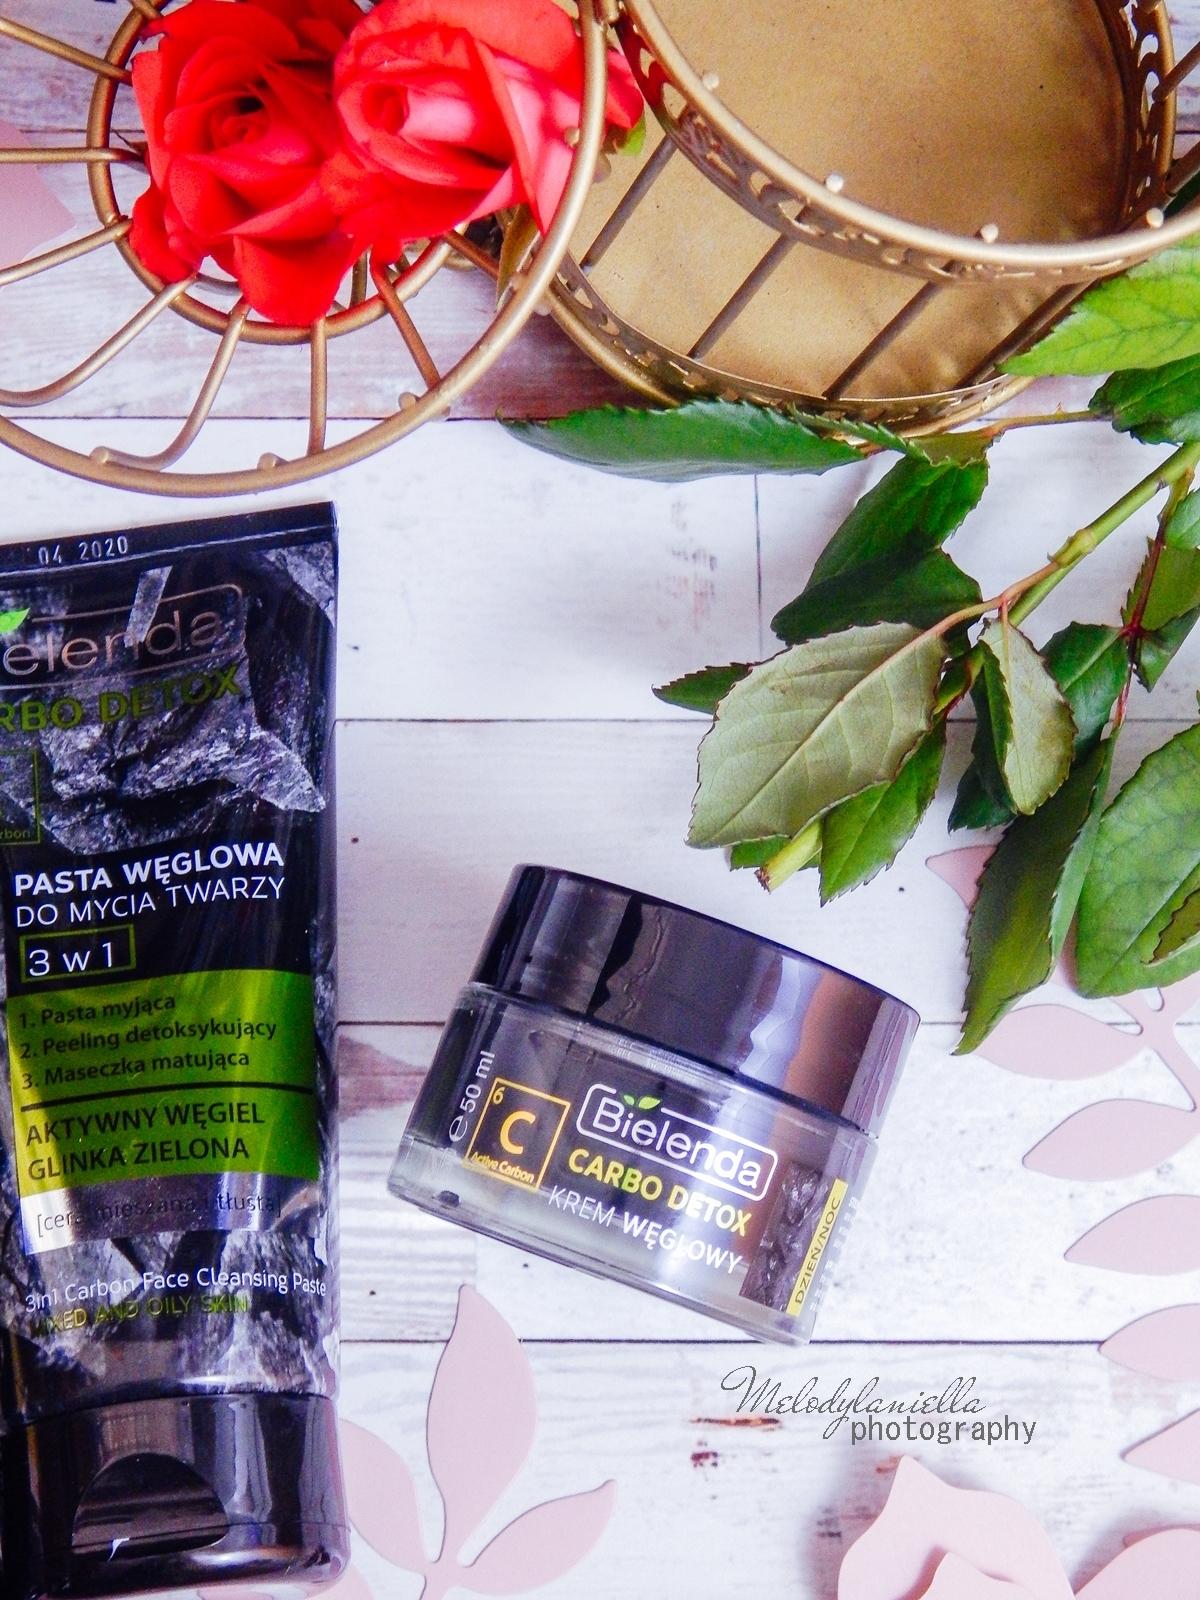 Bielenda Carbo Detox, recenzja kremu z węglem aktywnym, żelu do mycia twarzy. Węglowa pasta do mycia twarzy, peeling, maseczki do cery tłustej, trądzikowej z niedoskonałościami. Jak zwalczyć tłustą cerę. Kosmetyki do cery mieszanej. Węgiel aktywny, glinka zielona.